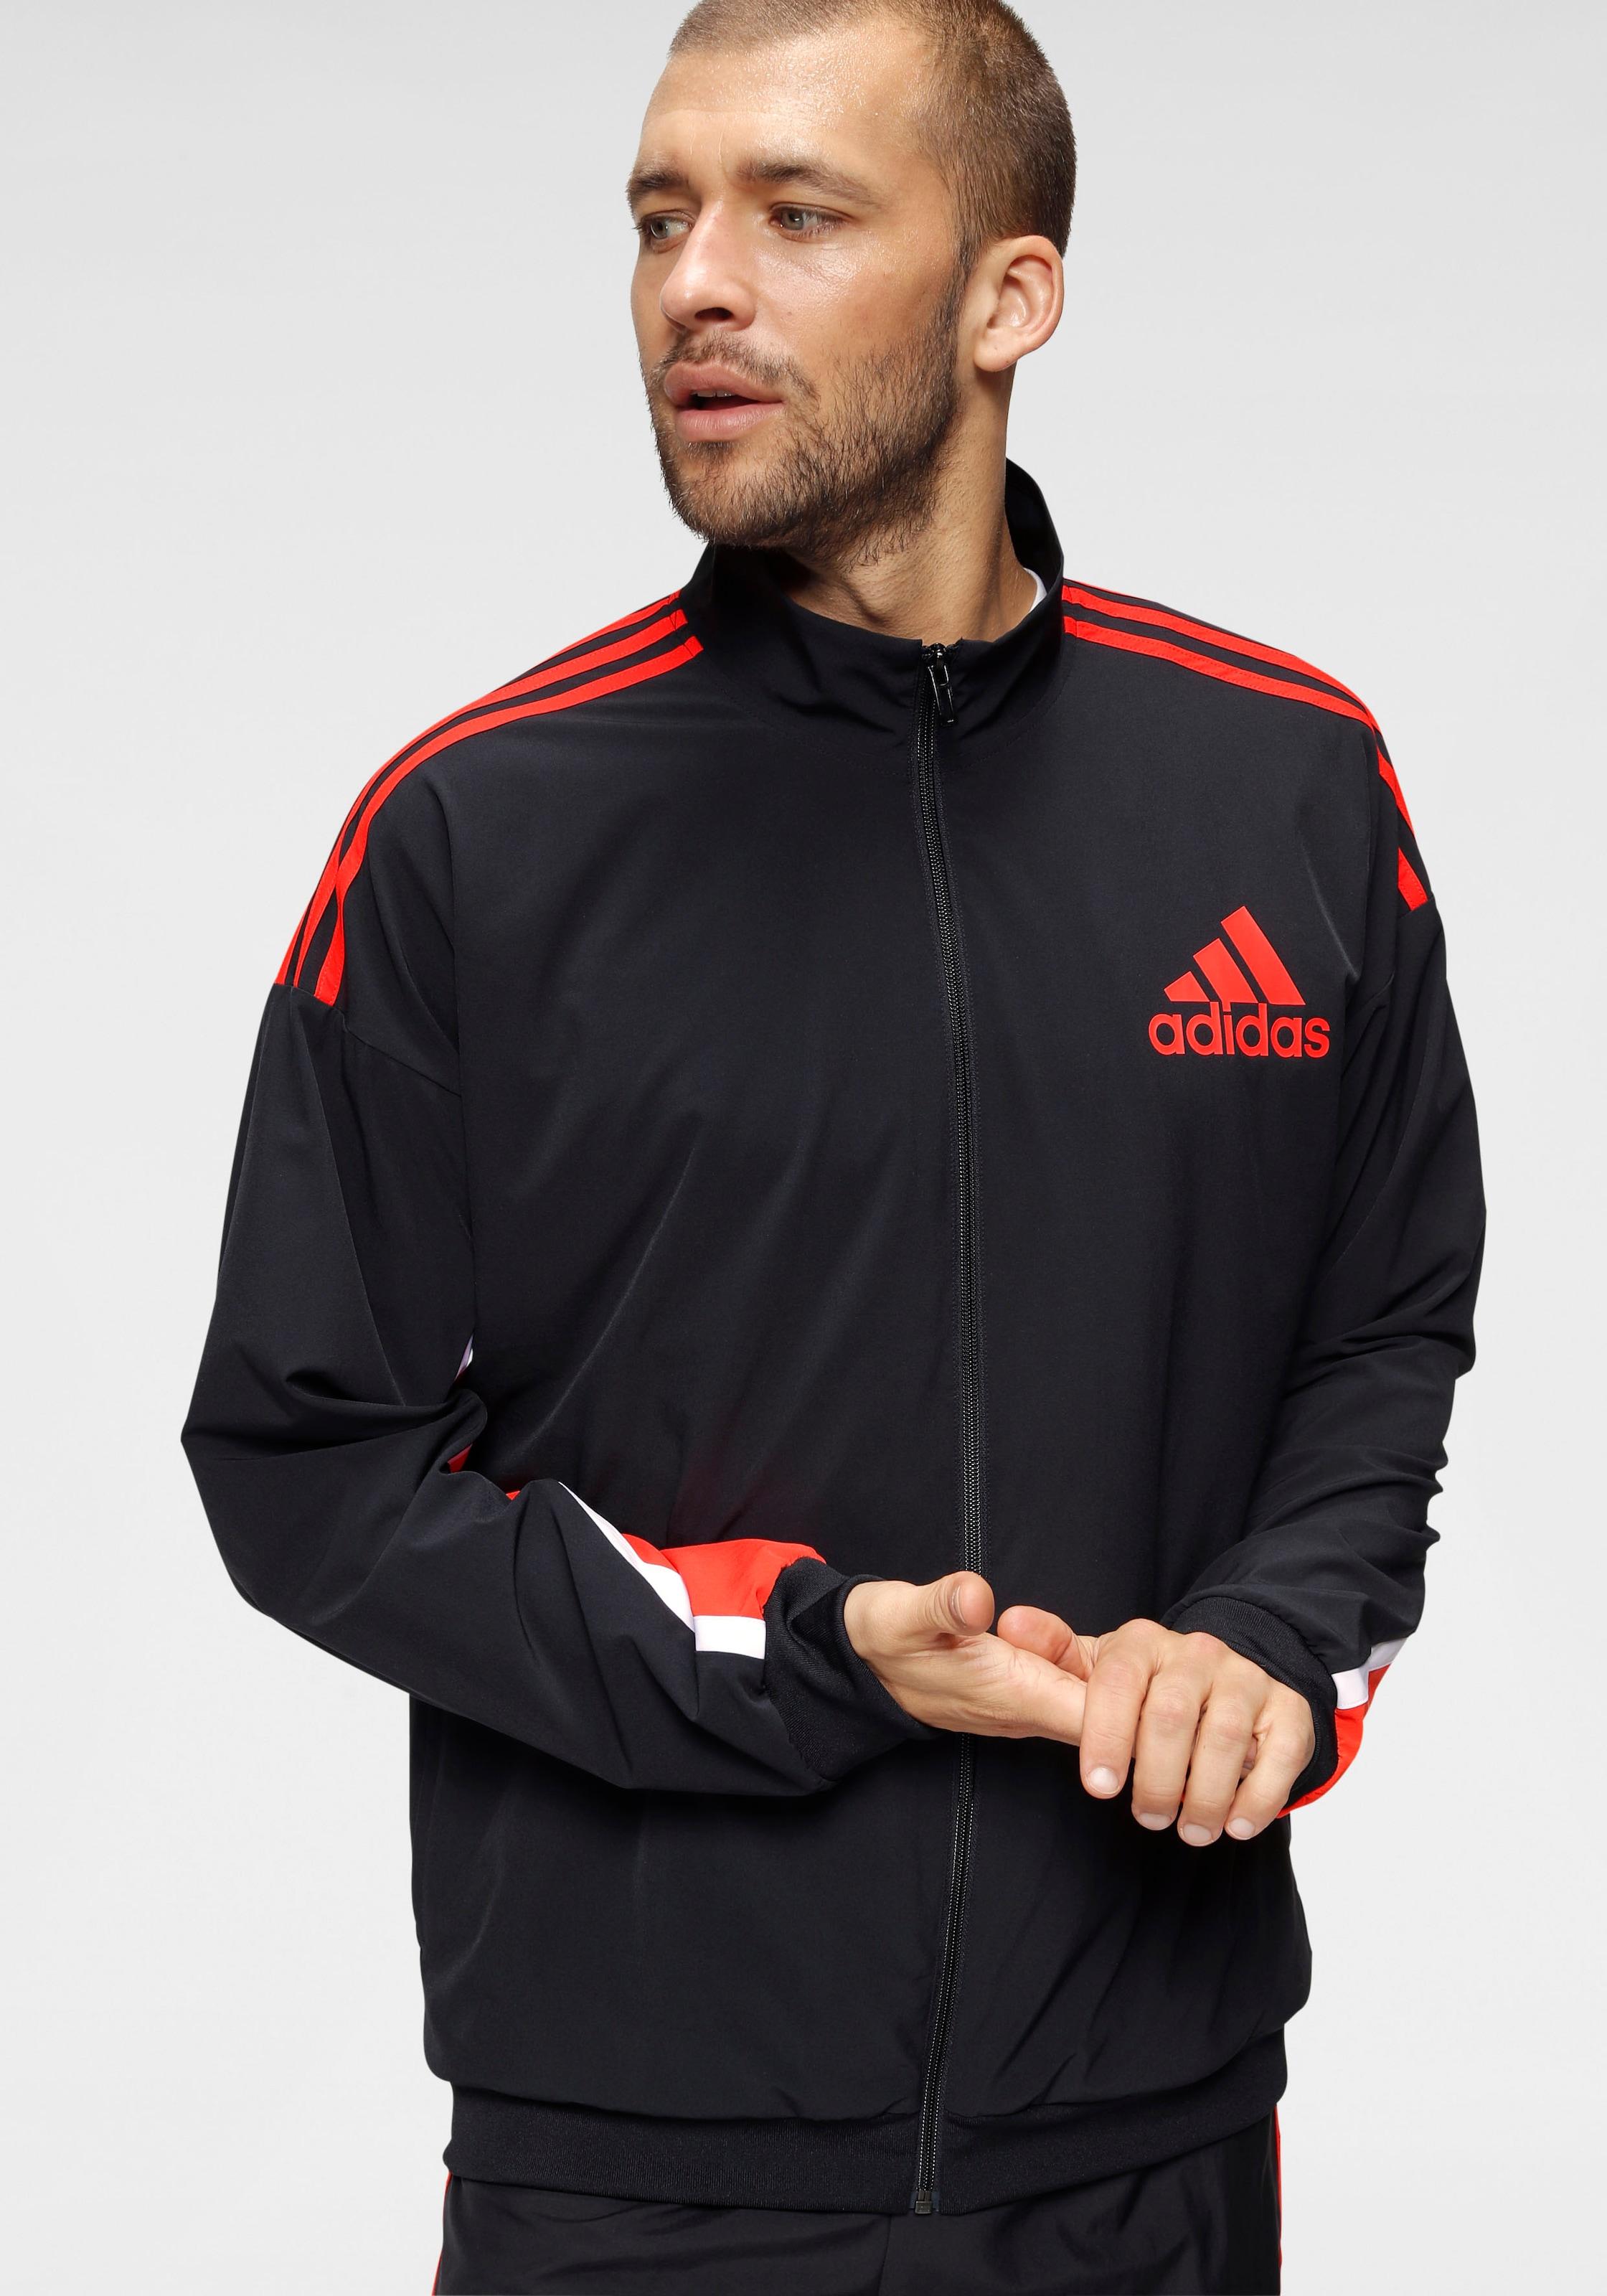 Herren Trainingsjacken günstig online kaufen   Universal.at